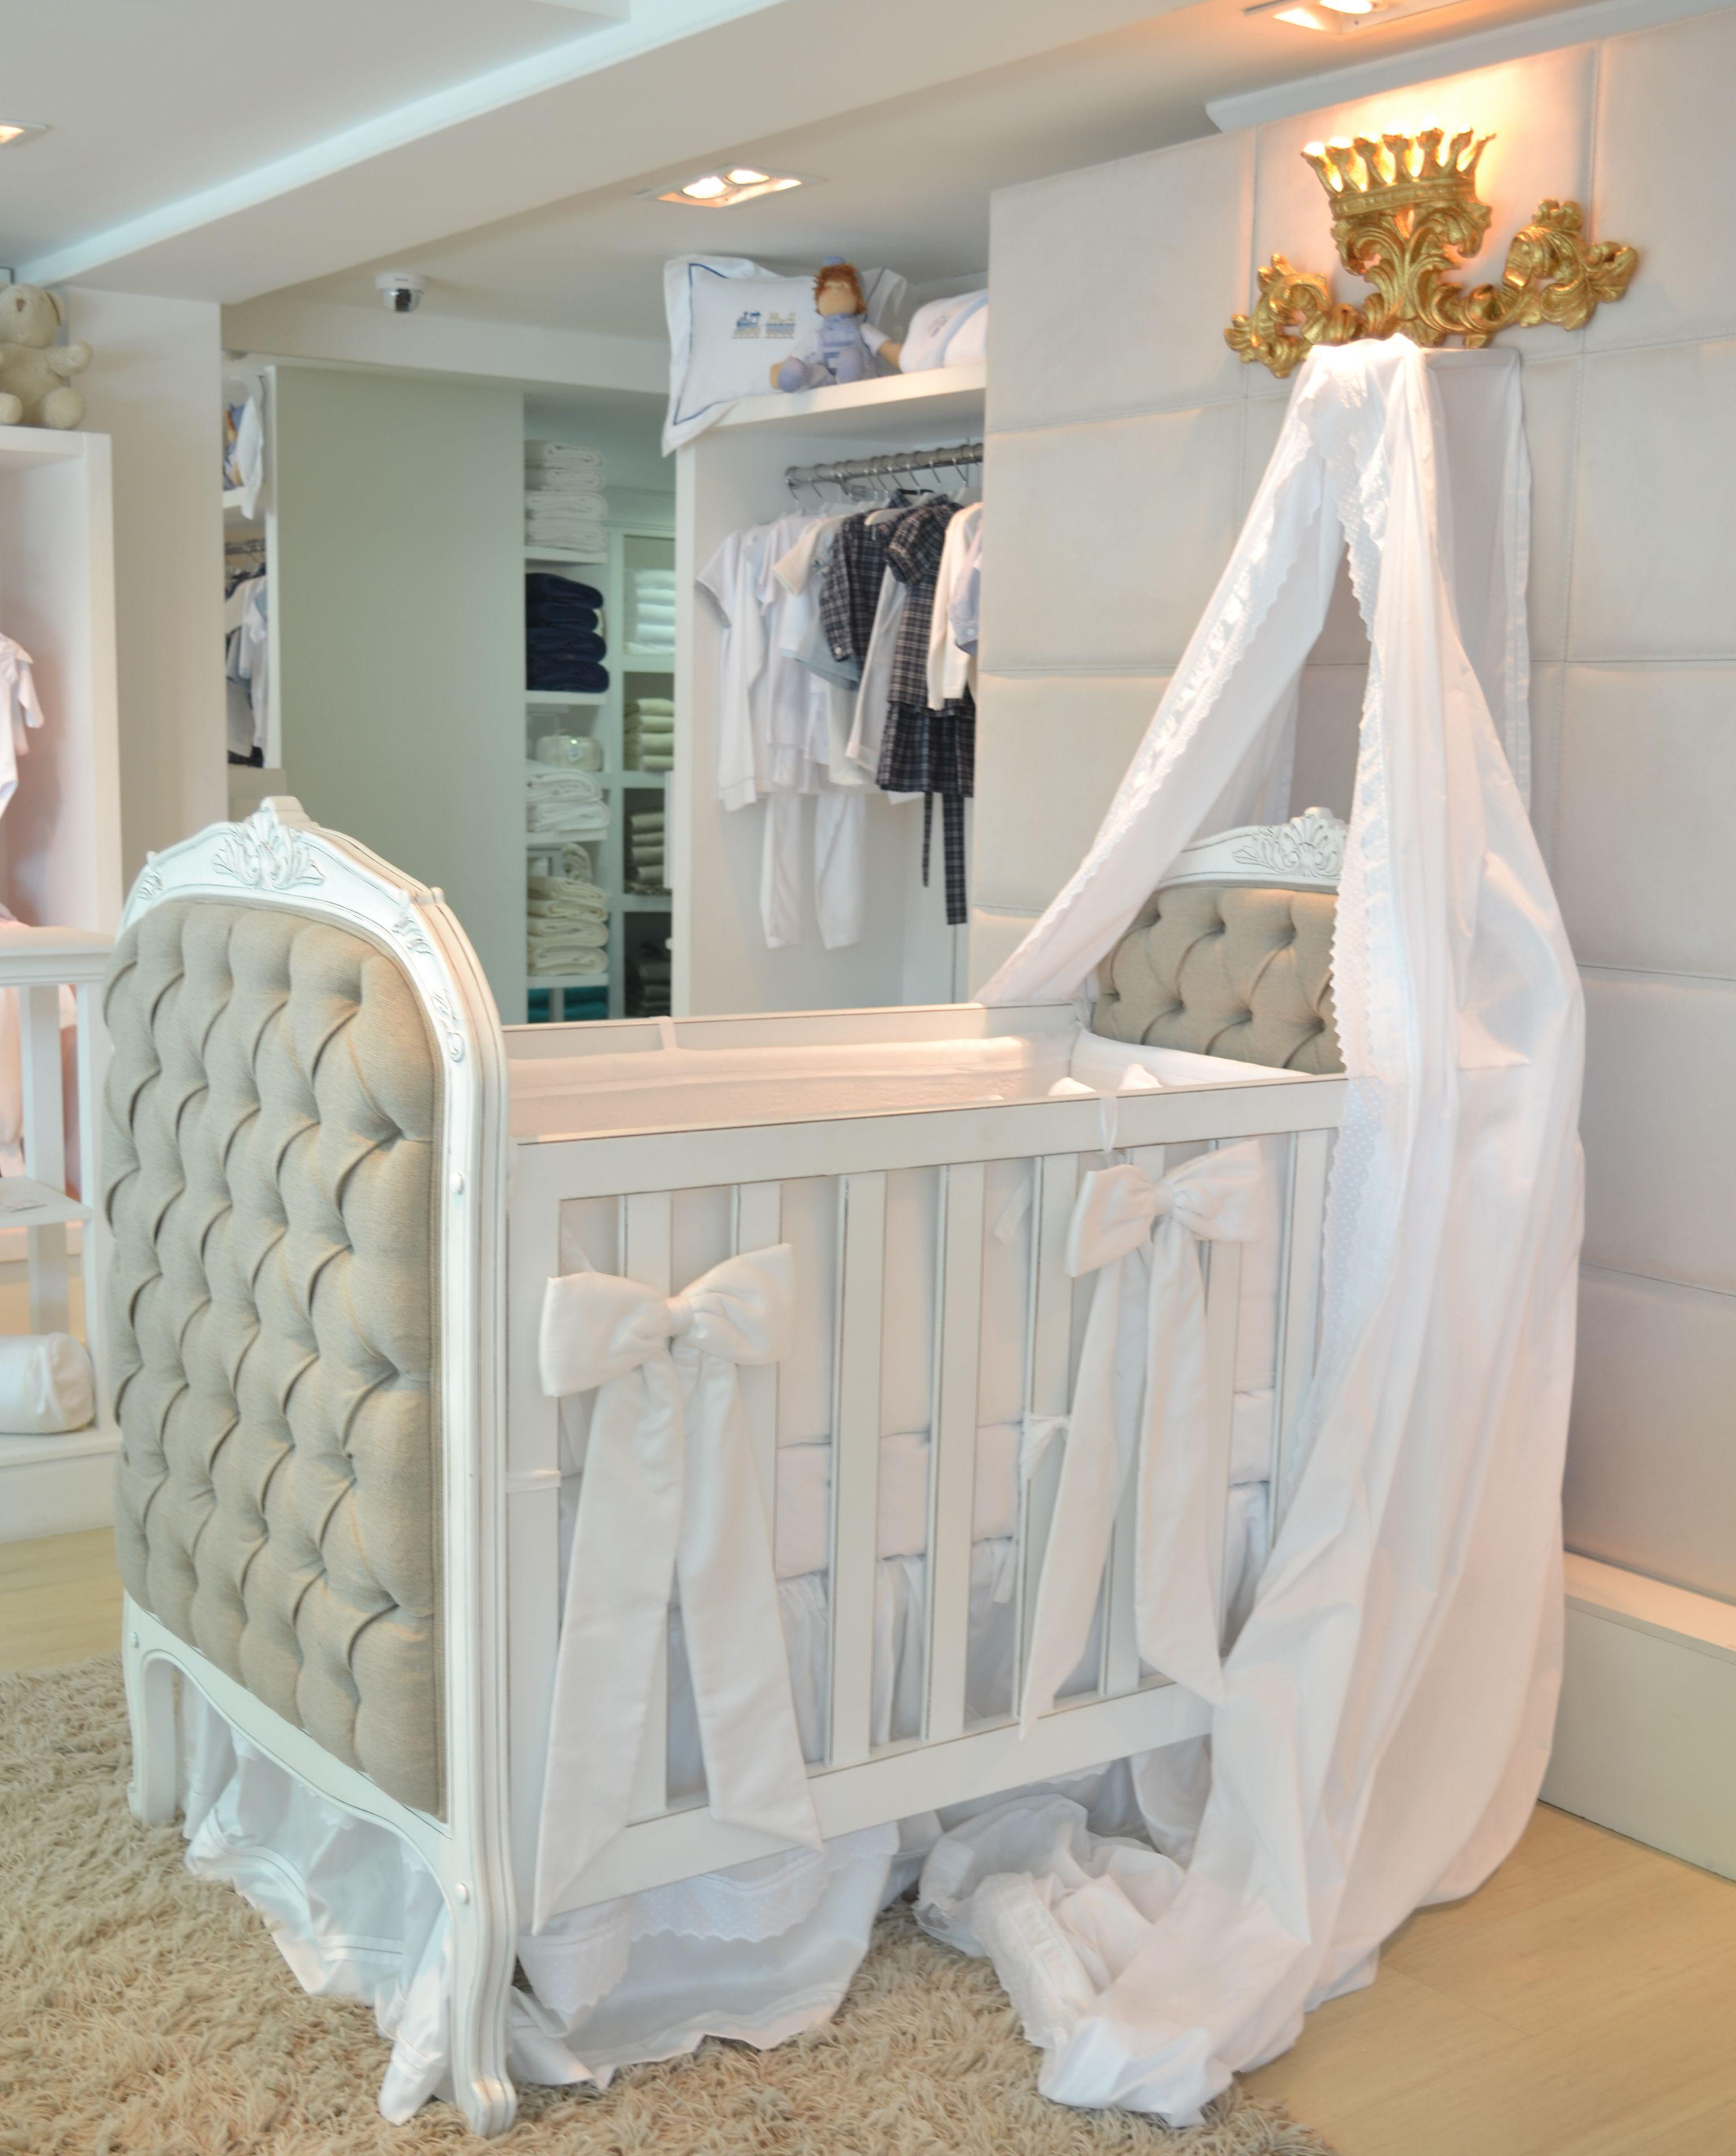 Mil Ideias De Decoração Quartos De Bebé: Quarto De Bebê Provençal, Idéias De